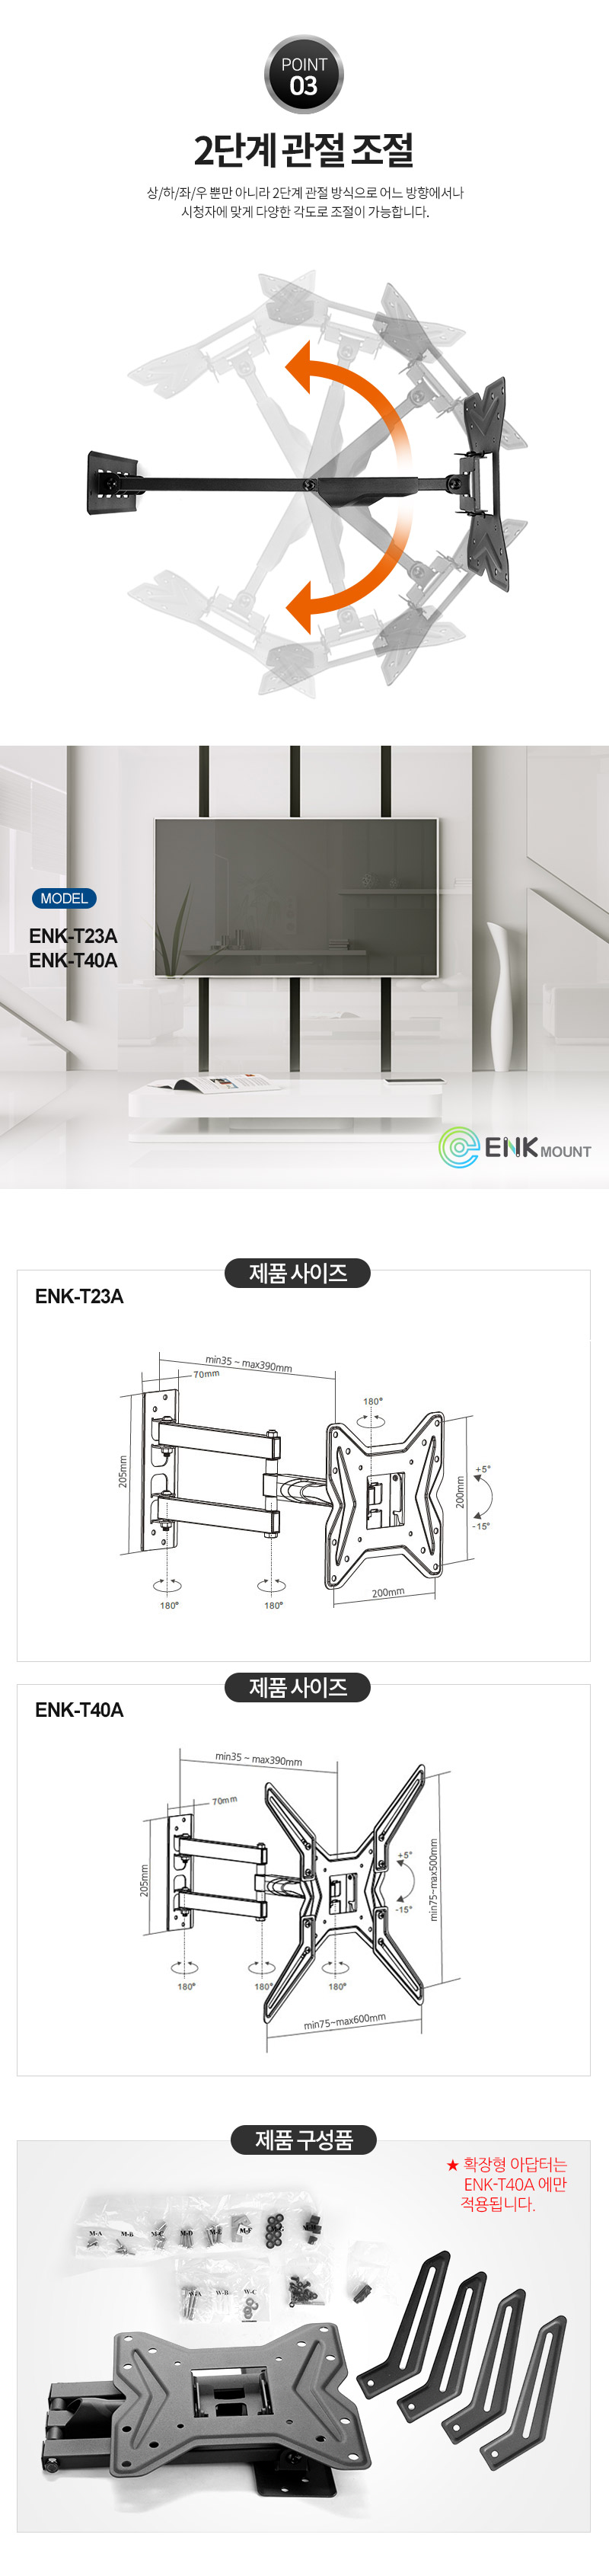 copy_ENK-T40A_03.jpg